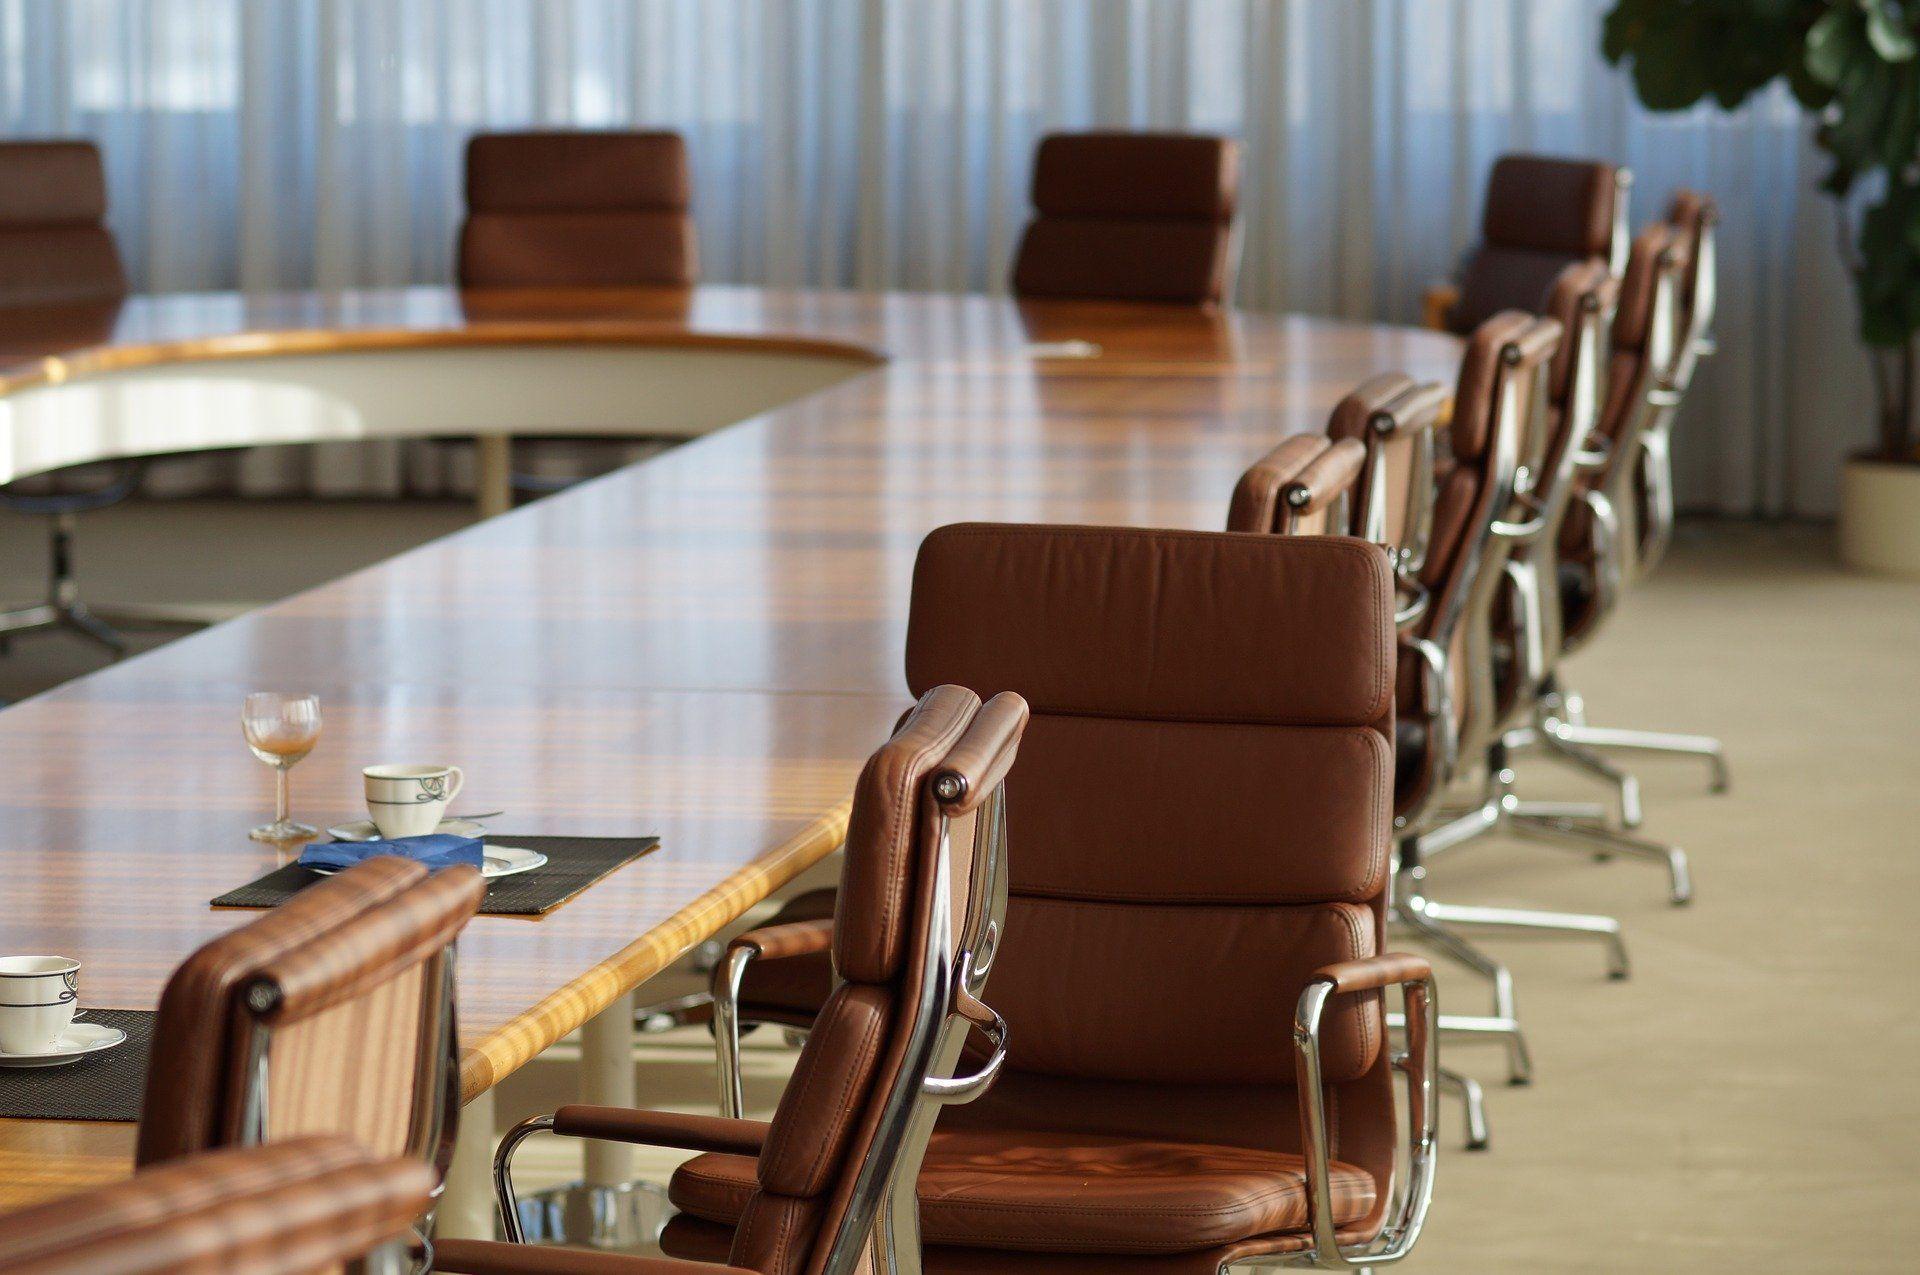 Insolvencia, concurso de acreedores y obligaciones legales del empresario